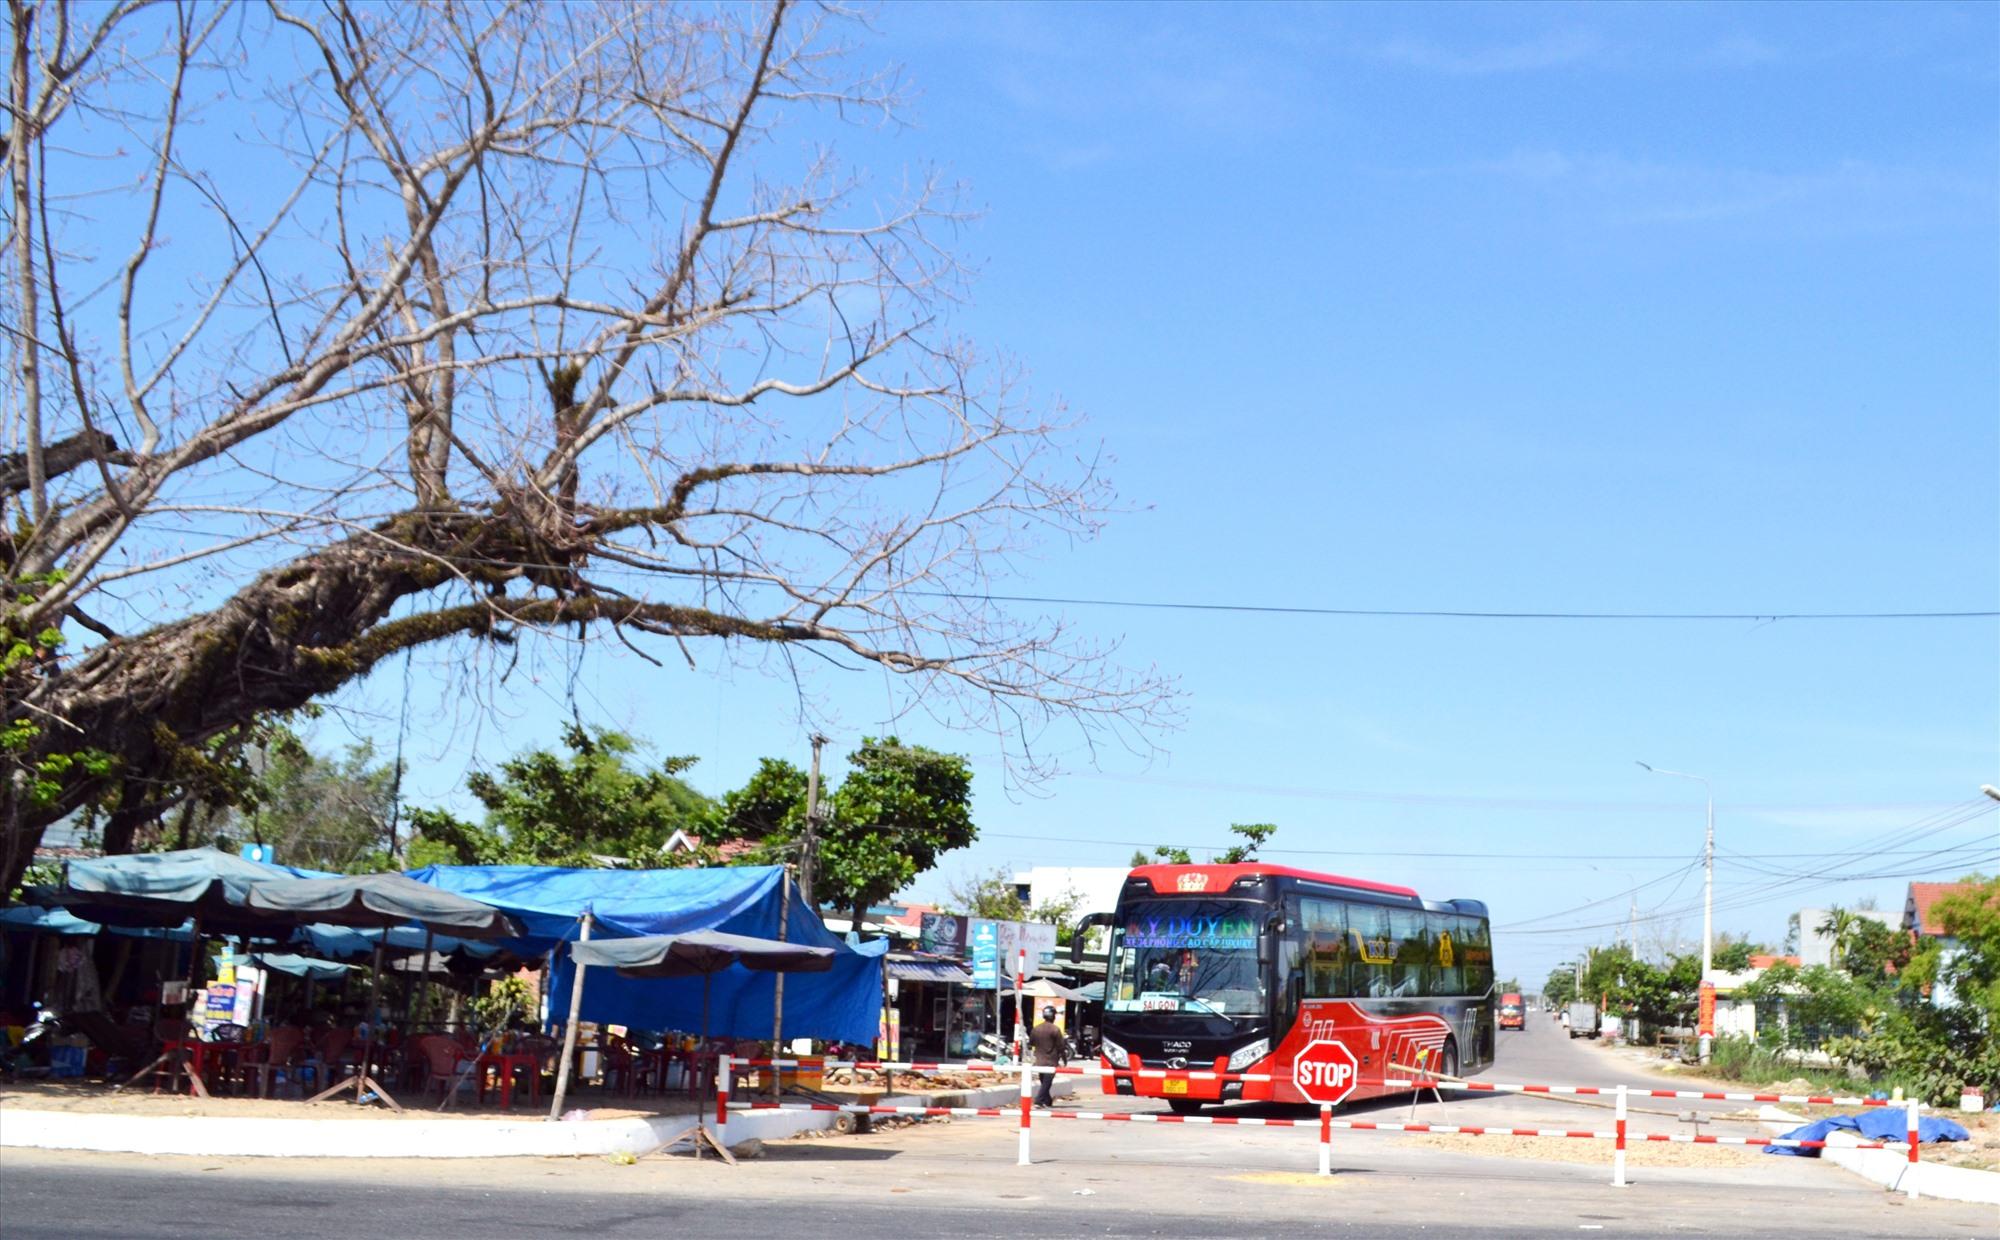 Một xe khách đậu đỗ trái phép tại ngã 3 Cây Cốc (Thăng Bình), nơi giao nhau giữa quốc lộ 1 với quốc lộ 14B. Ảnh: K.K